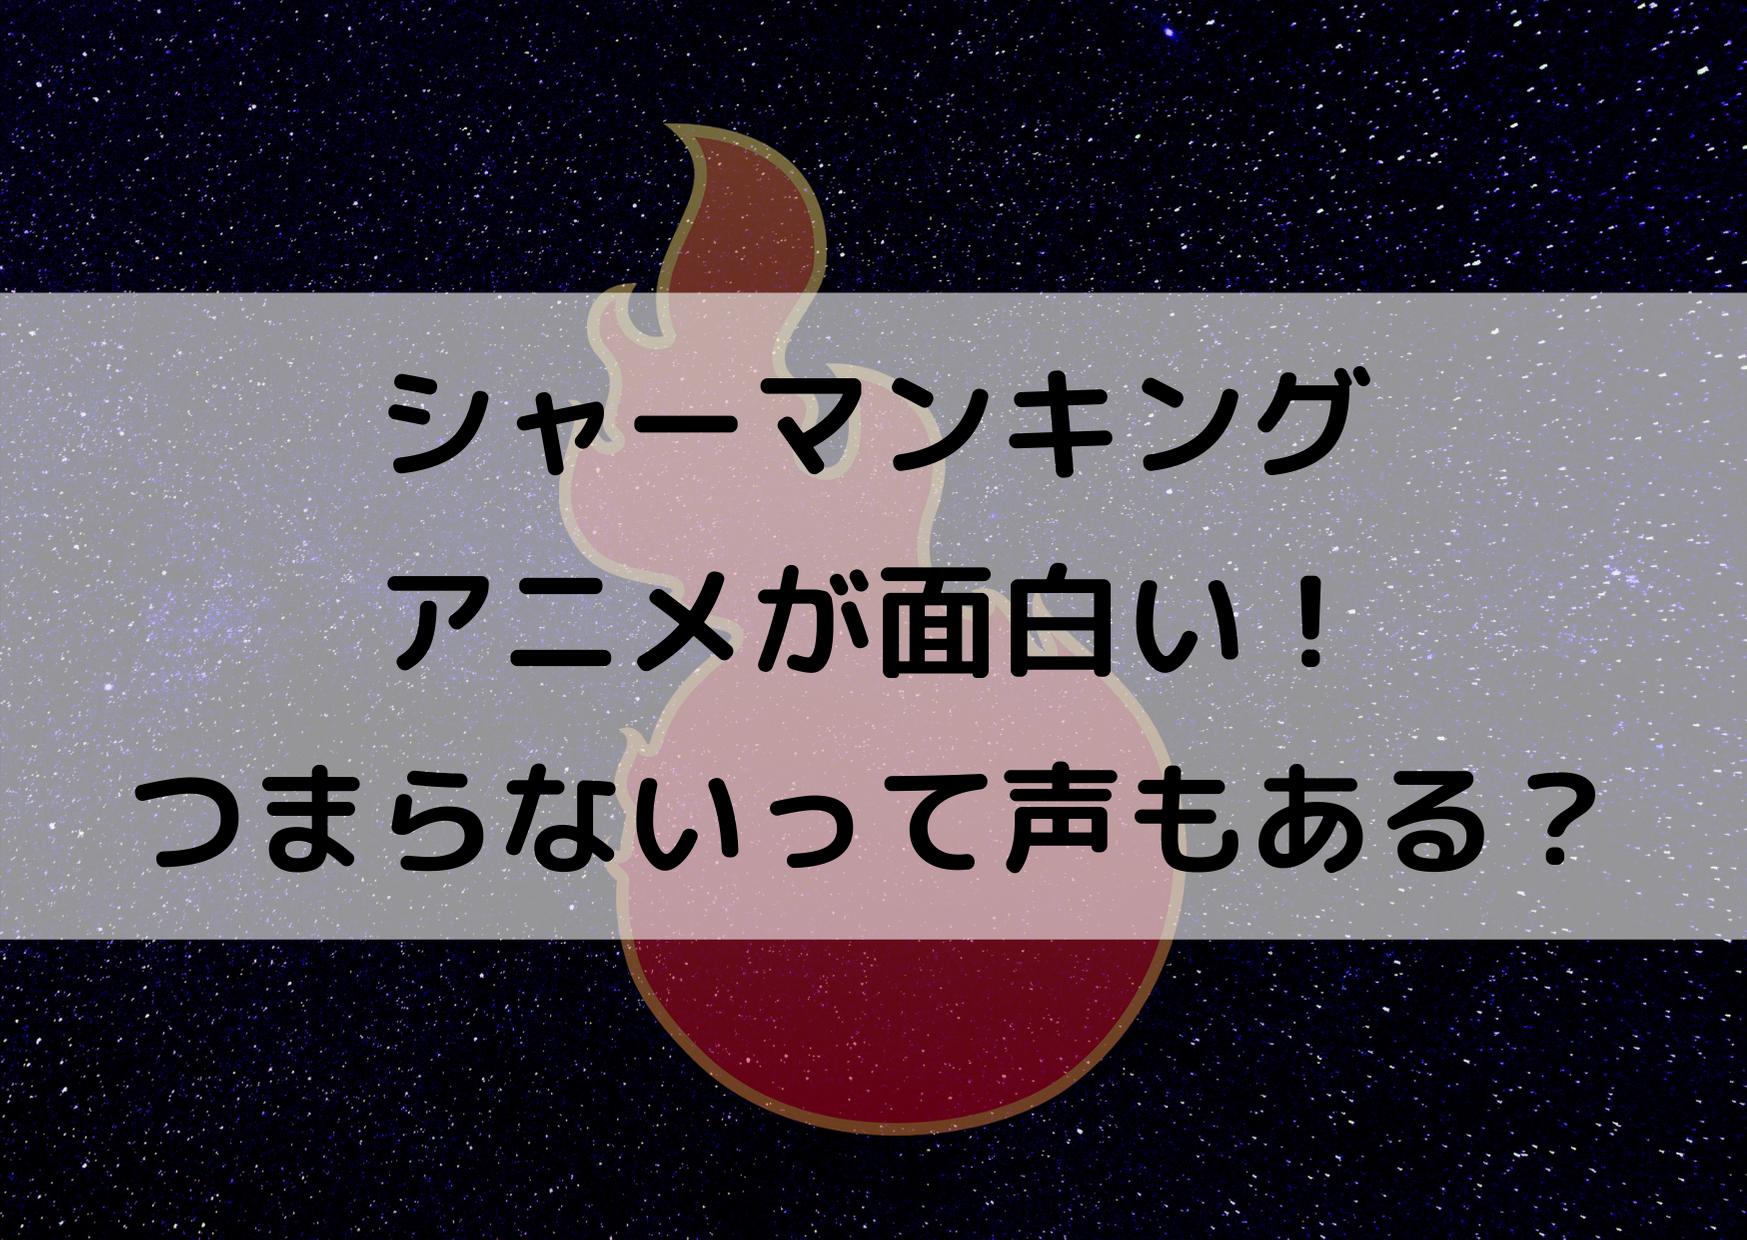 シャーマンキング アニメ 面白い